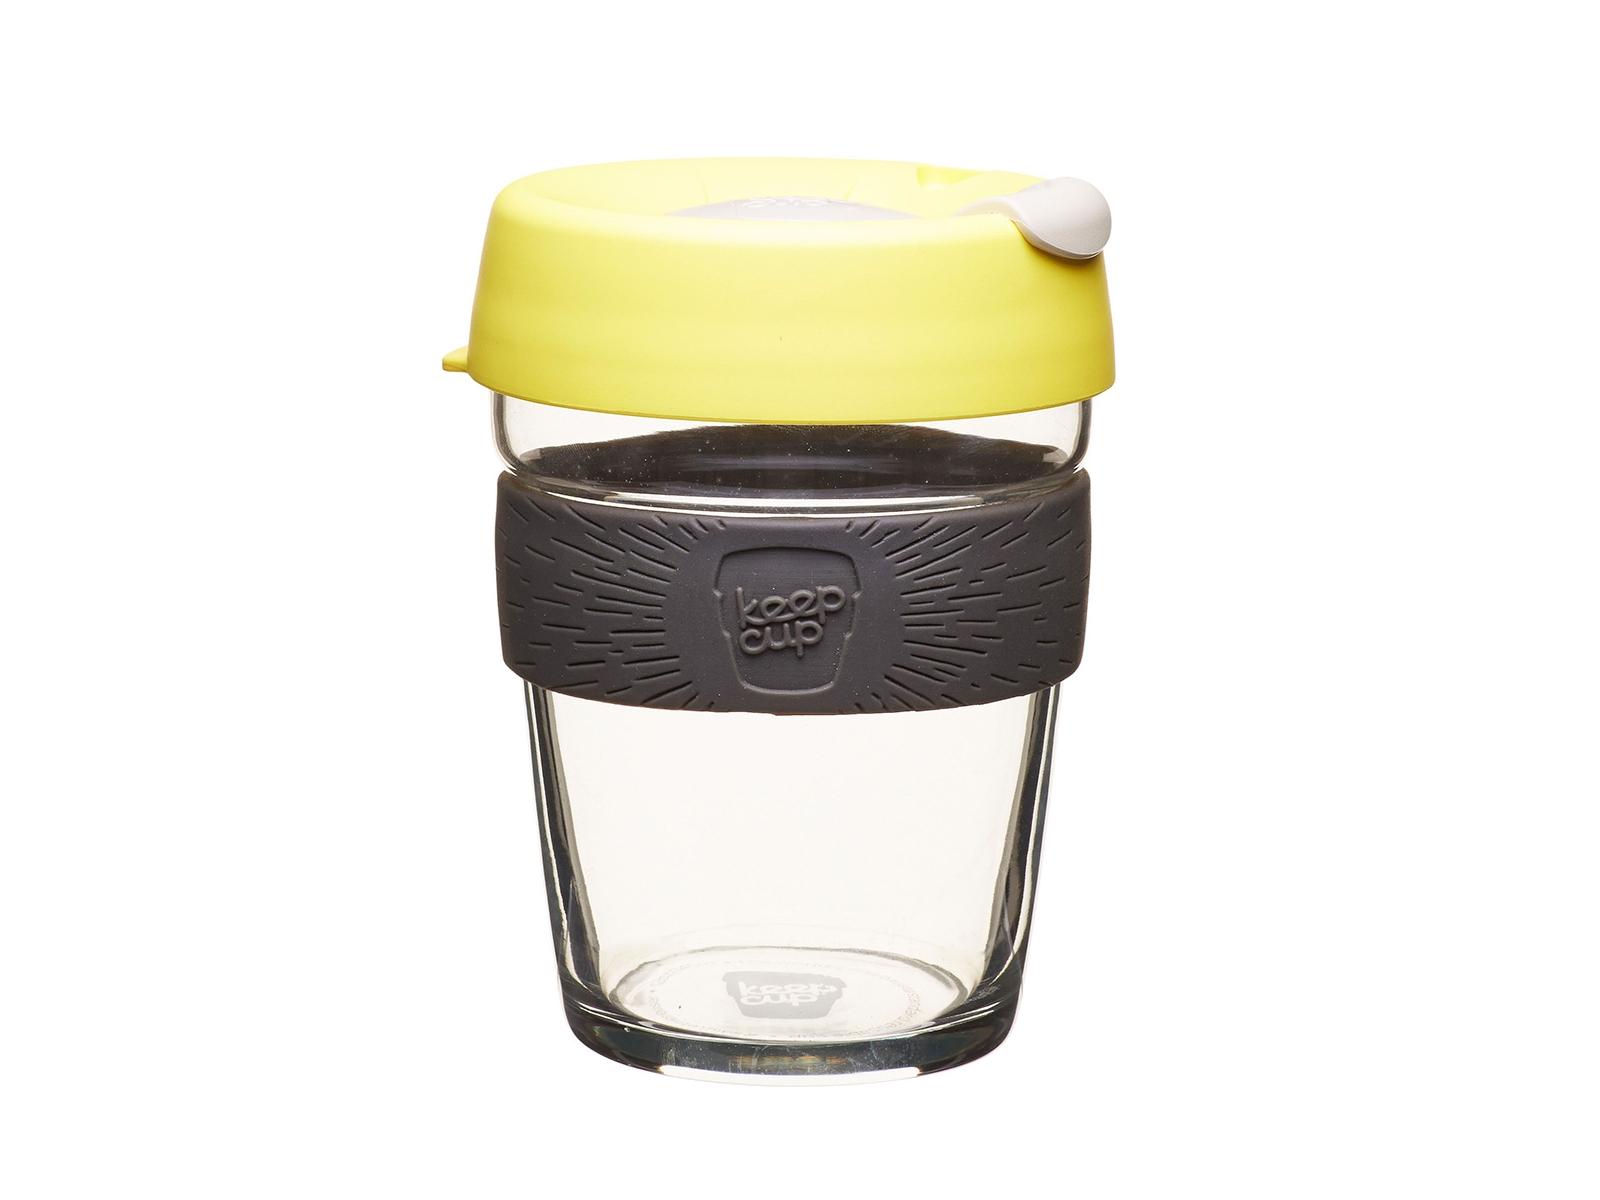 Кружка Keepcup honeyЧайные пары, чашки и кружки<br>Новая версия культовых кружек Keepcup со стенками из закаленного стекла и еще более удобной крышкой.  <br>Кружка, созданная с мыслями о вас и о планете. Главная идея KeepCup – вдохновить любителей кофе отказаться от использования одноразовых бумажных и пластиковых стаканов, так как их производство и утилизация наносят вред окружающей среде. В год производится и выбрасывается около 500 миллиардов одноразовых стаканчиков, а ведь планета у нас всего одна! <br>Но главный плюс кружки  – привлекательный и яркий дизайн, который станет отражением вашего личного стиля. Берите её в кафе или наливайте кофе, чай, сок дома, чтобы взять с собой - пить вкусные напитки на ходу, на работе или на пикнике. Специальная крышка с открывающимся и закрывающимся клапаном спасет от брызг, а силиконовый ободок поможет не обжечься (плюс, удобно держать кружку в руках.<br>Крышка сделана из нетоксичного пластика без содержания вредного бисфенола (BPA-free). Корпус - из закаленного стекла, устойчивого к термическому и механическому воздействию.&amp;amp;nbsp;&amp;lt;div&amp;gt;&amp;lt;br&amp;gt;&amp;lt;/div&amp;gt;&amp;lt;div&amp;gt;Объем:&amp;amp;nbsp;&amp;amp;nbsp;340 мл.&amp;lt;/div&amp;gt;<br><br>Material: Стекло<br>Height см: 13<br>Diameter см: 8,8